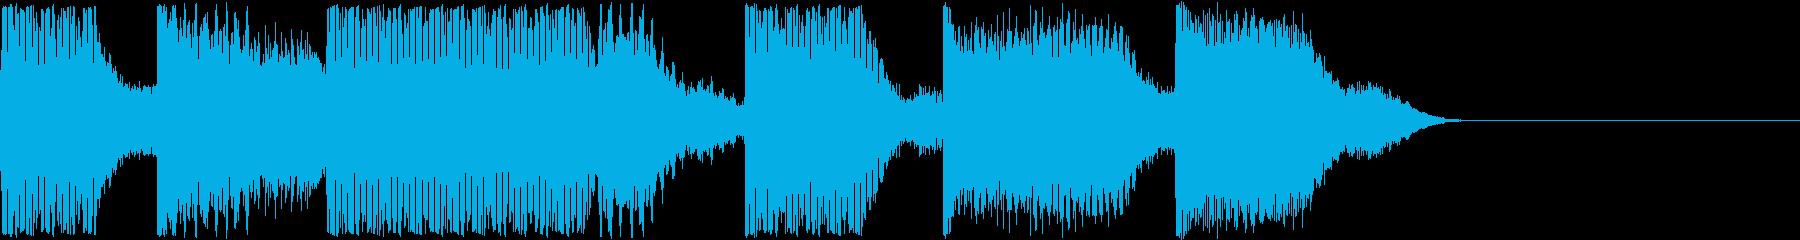 AI メカ/ロボ/マシン動作音 26の再生済みの波形